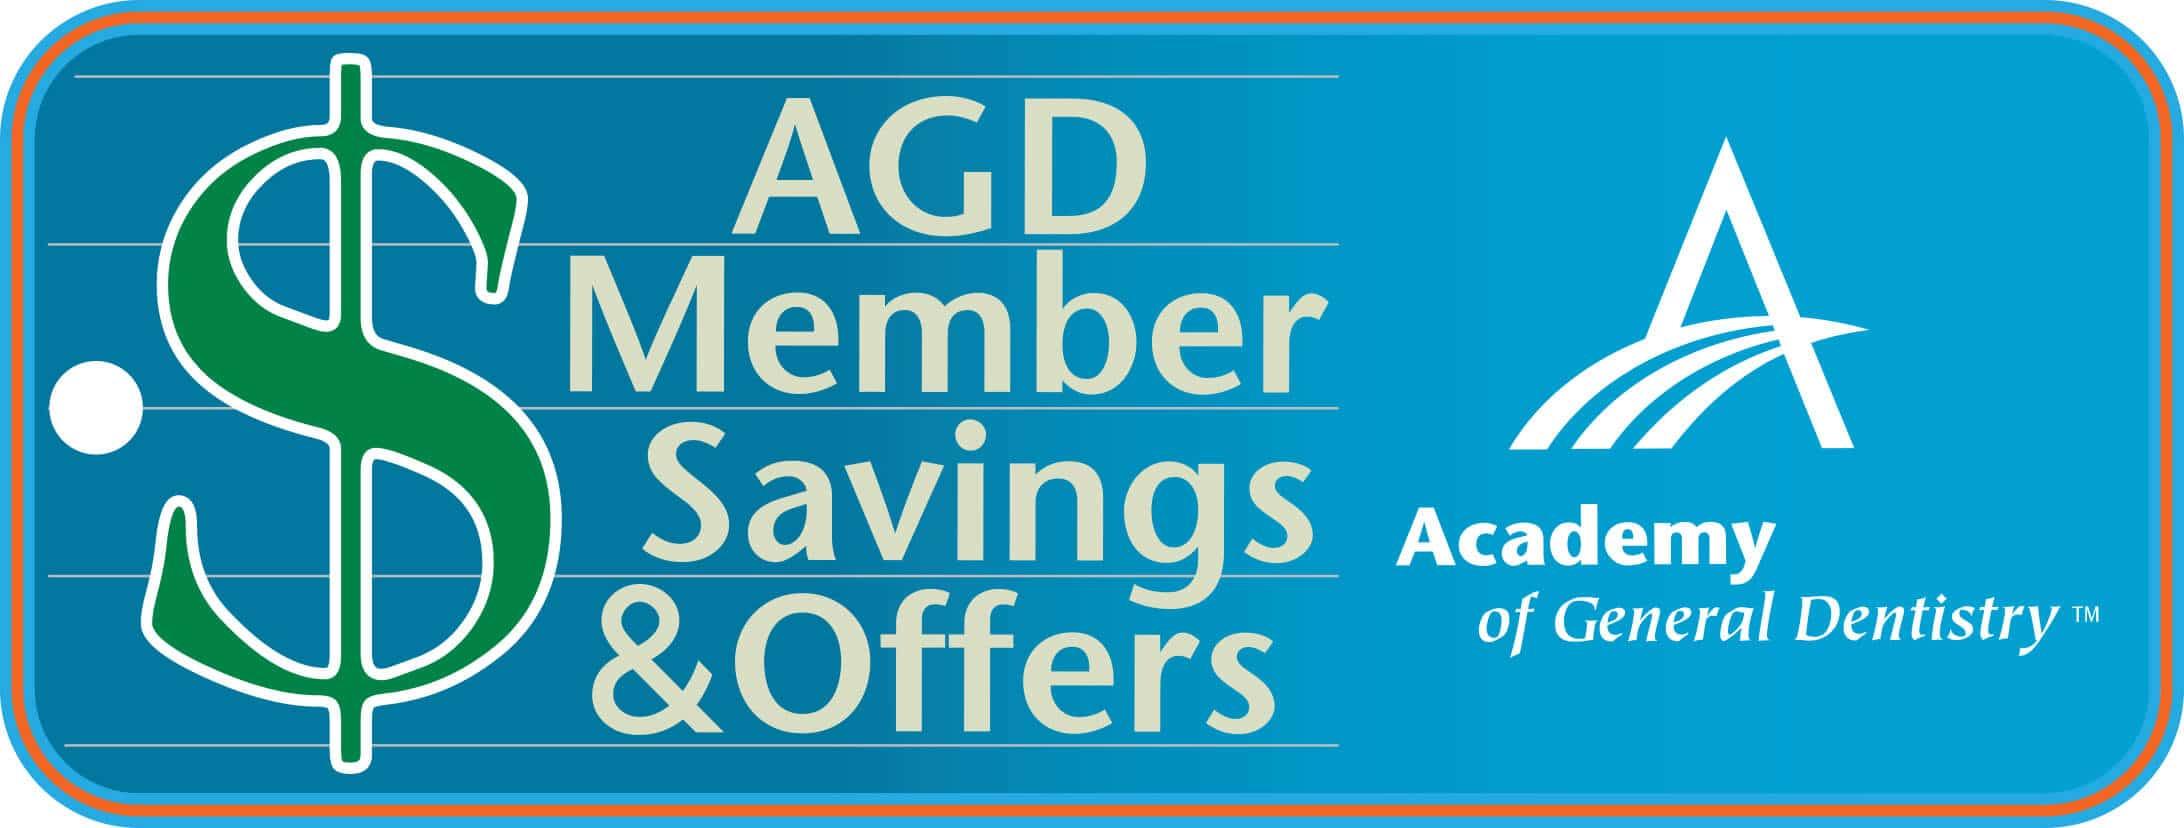 AGD Chooses All-Star Dental Academy